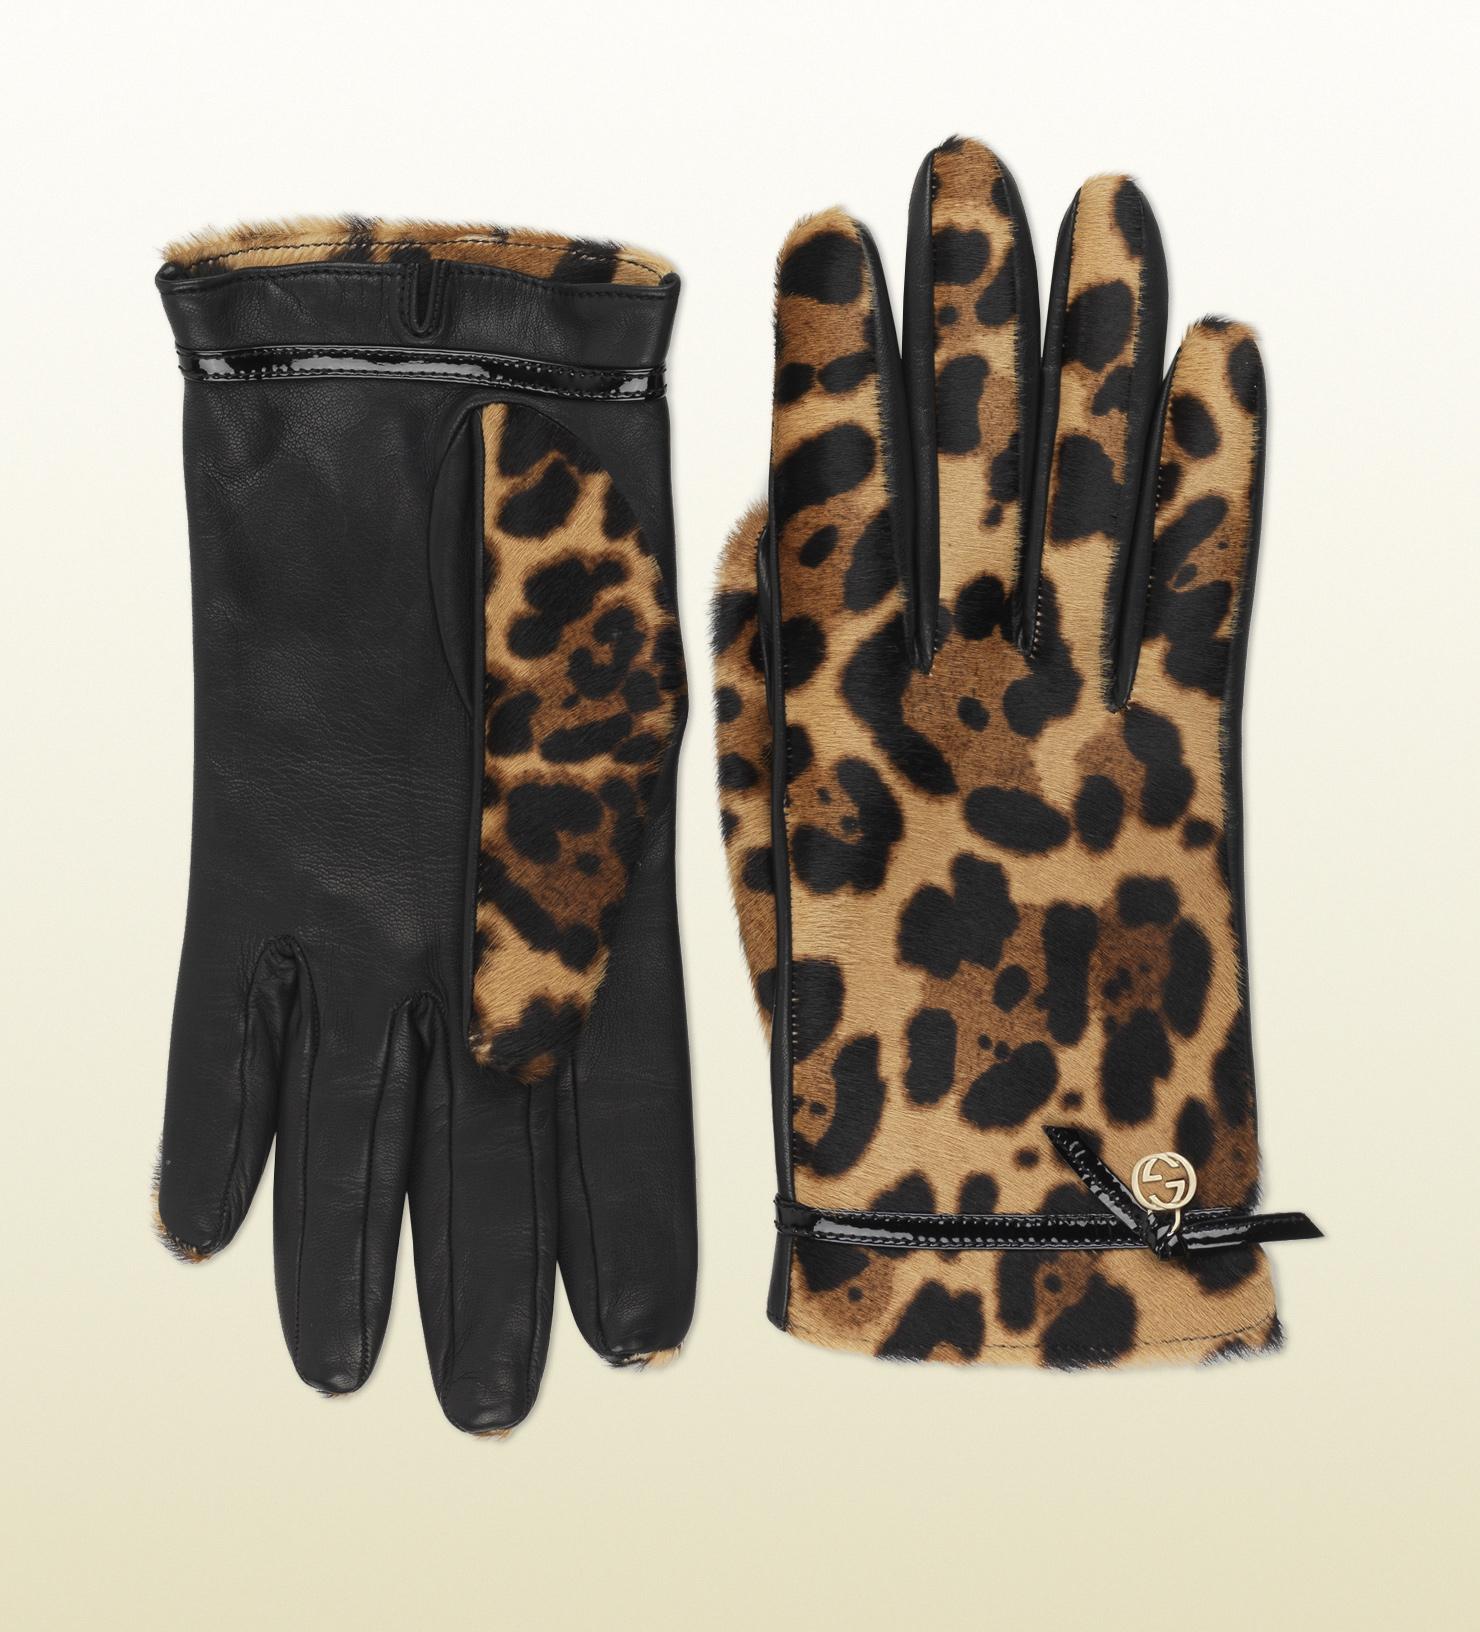 Jaguar driving gloves uk - Be Inspired